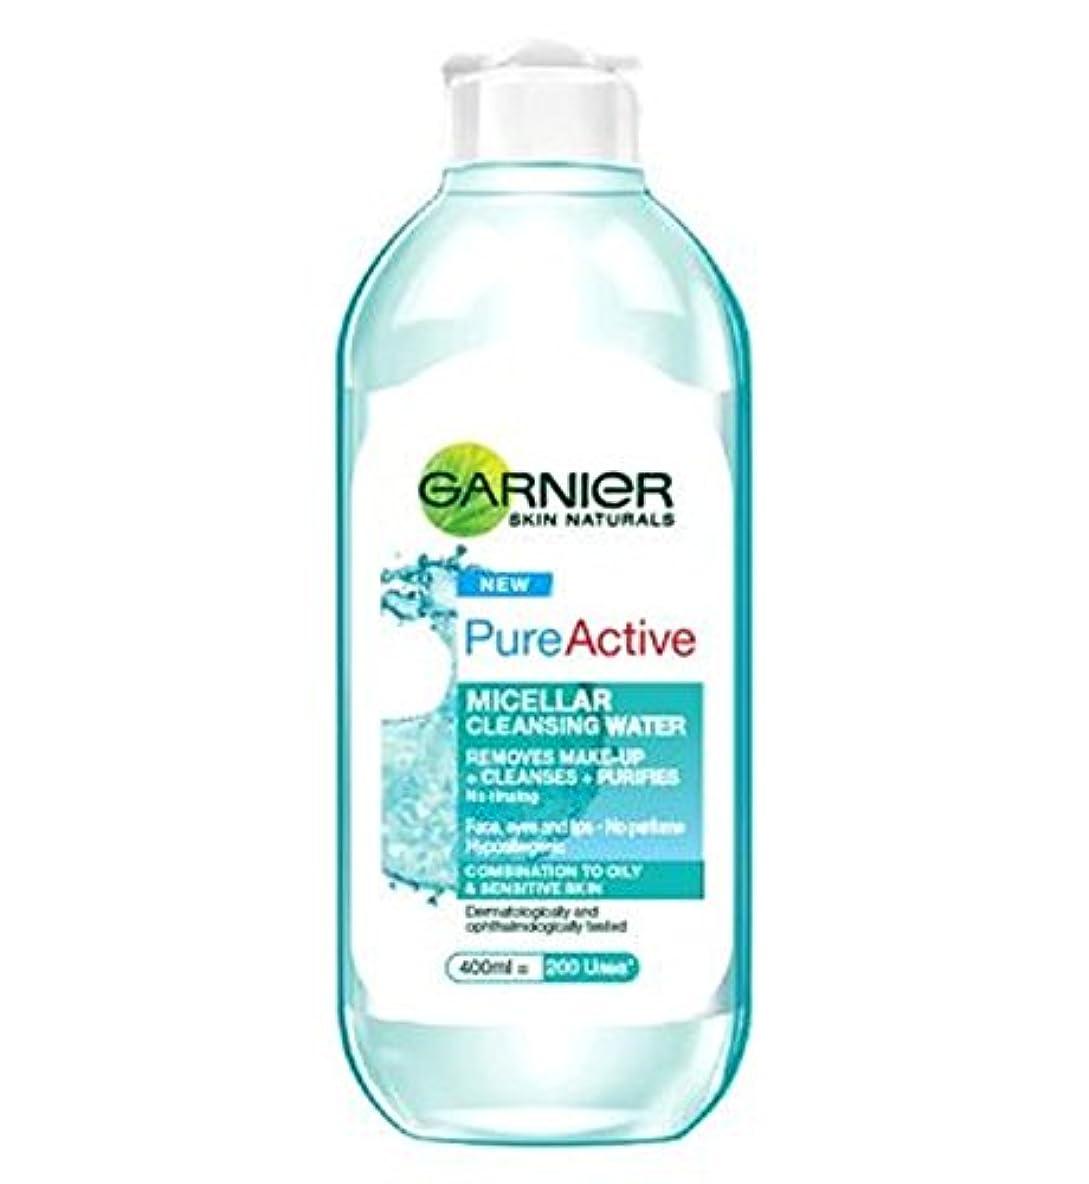 送った降ろす良心的Garnier Pure Micellar Cleansing Water 400ml - ガルニエ純粋なミセル洗浄水400ミリリットル (Garnier) [並行輸入品]